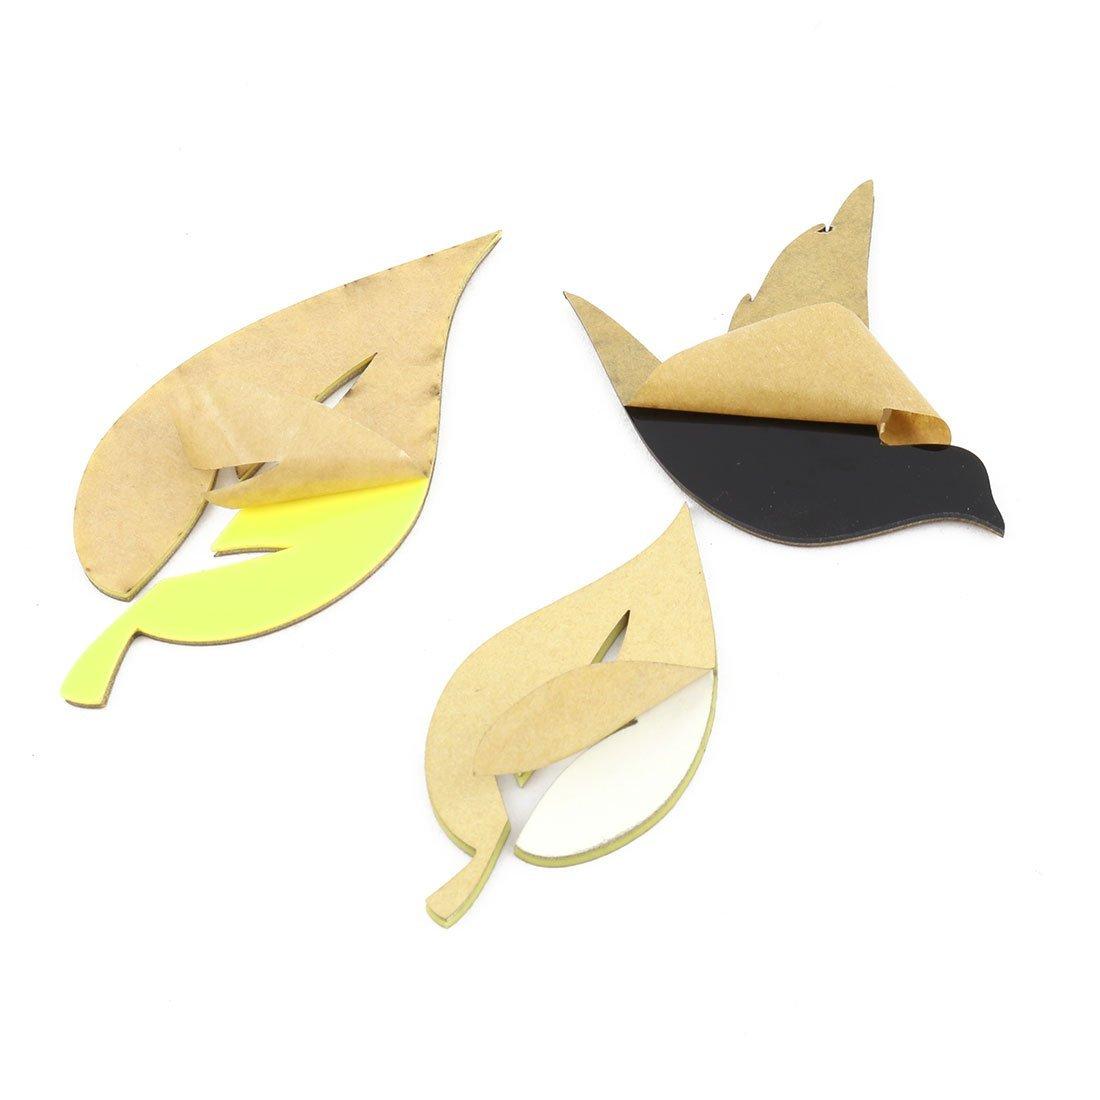 eDealMax acrílico decoración del sitio de la foto del árbol Diseño auto-adhesivo del papel pintado 3D etiqueta de la pared amarilla - - Amazon.com